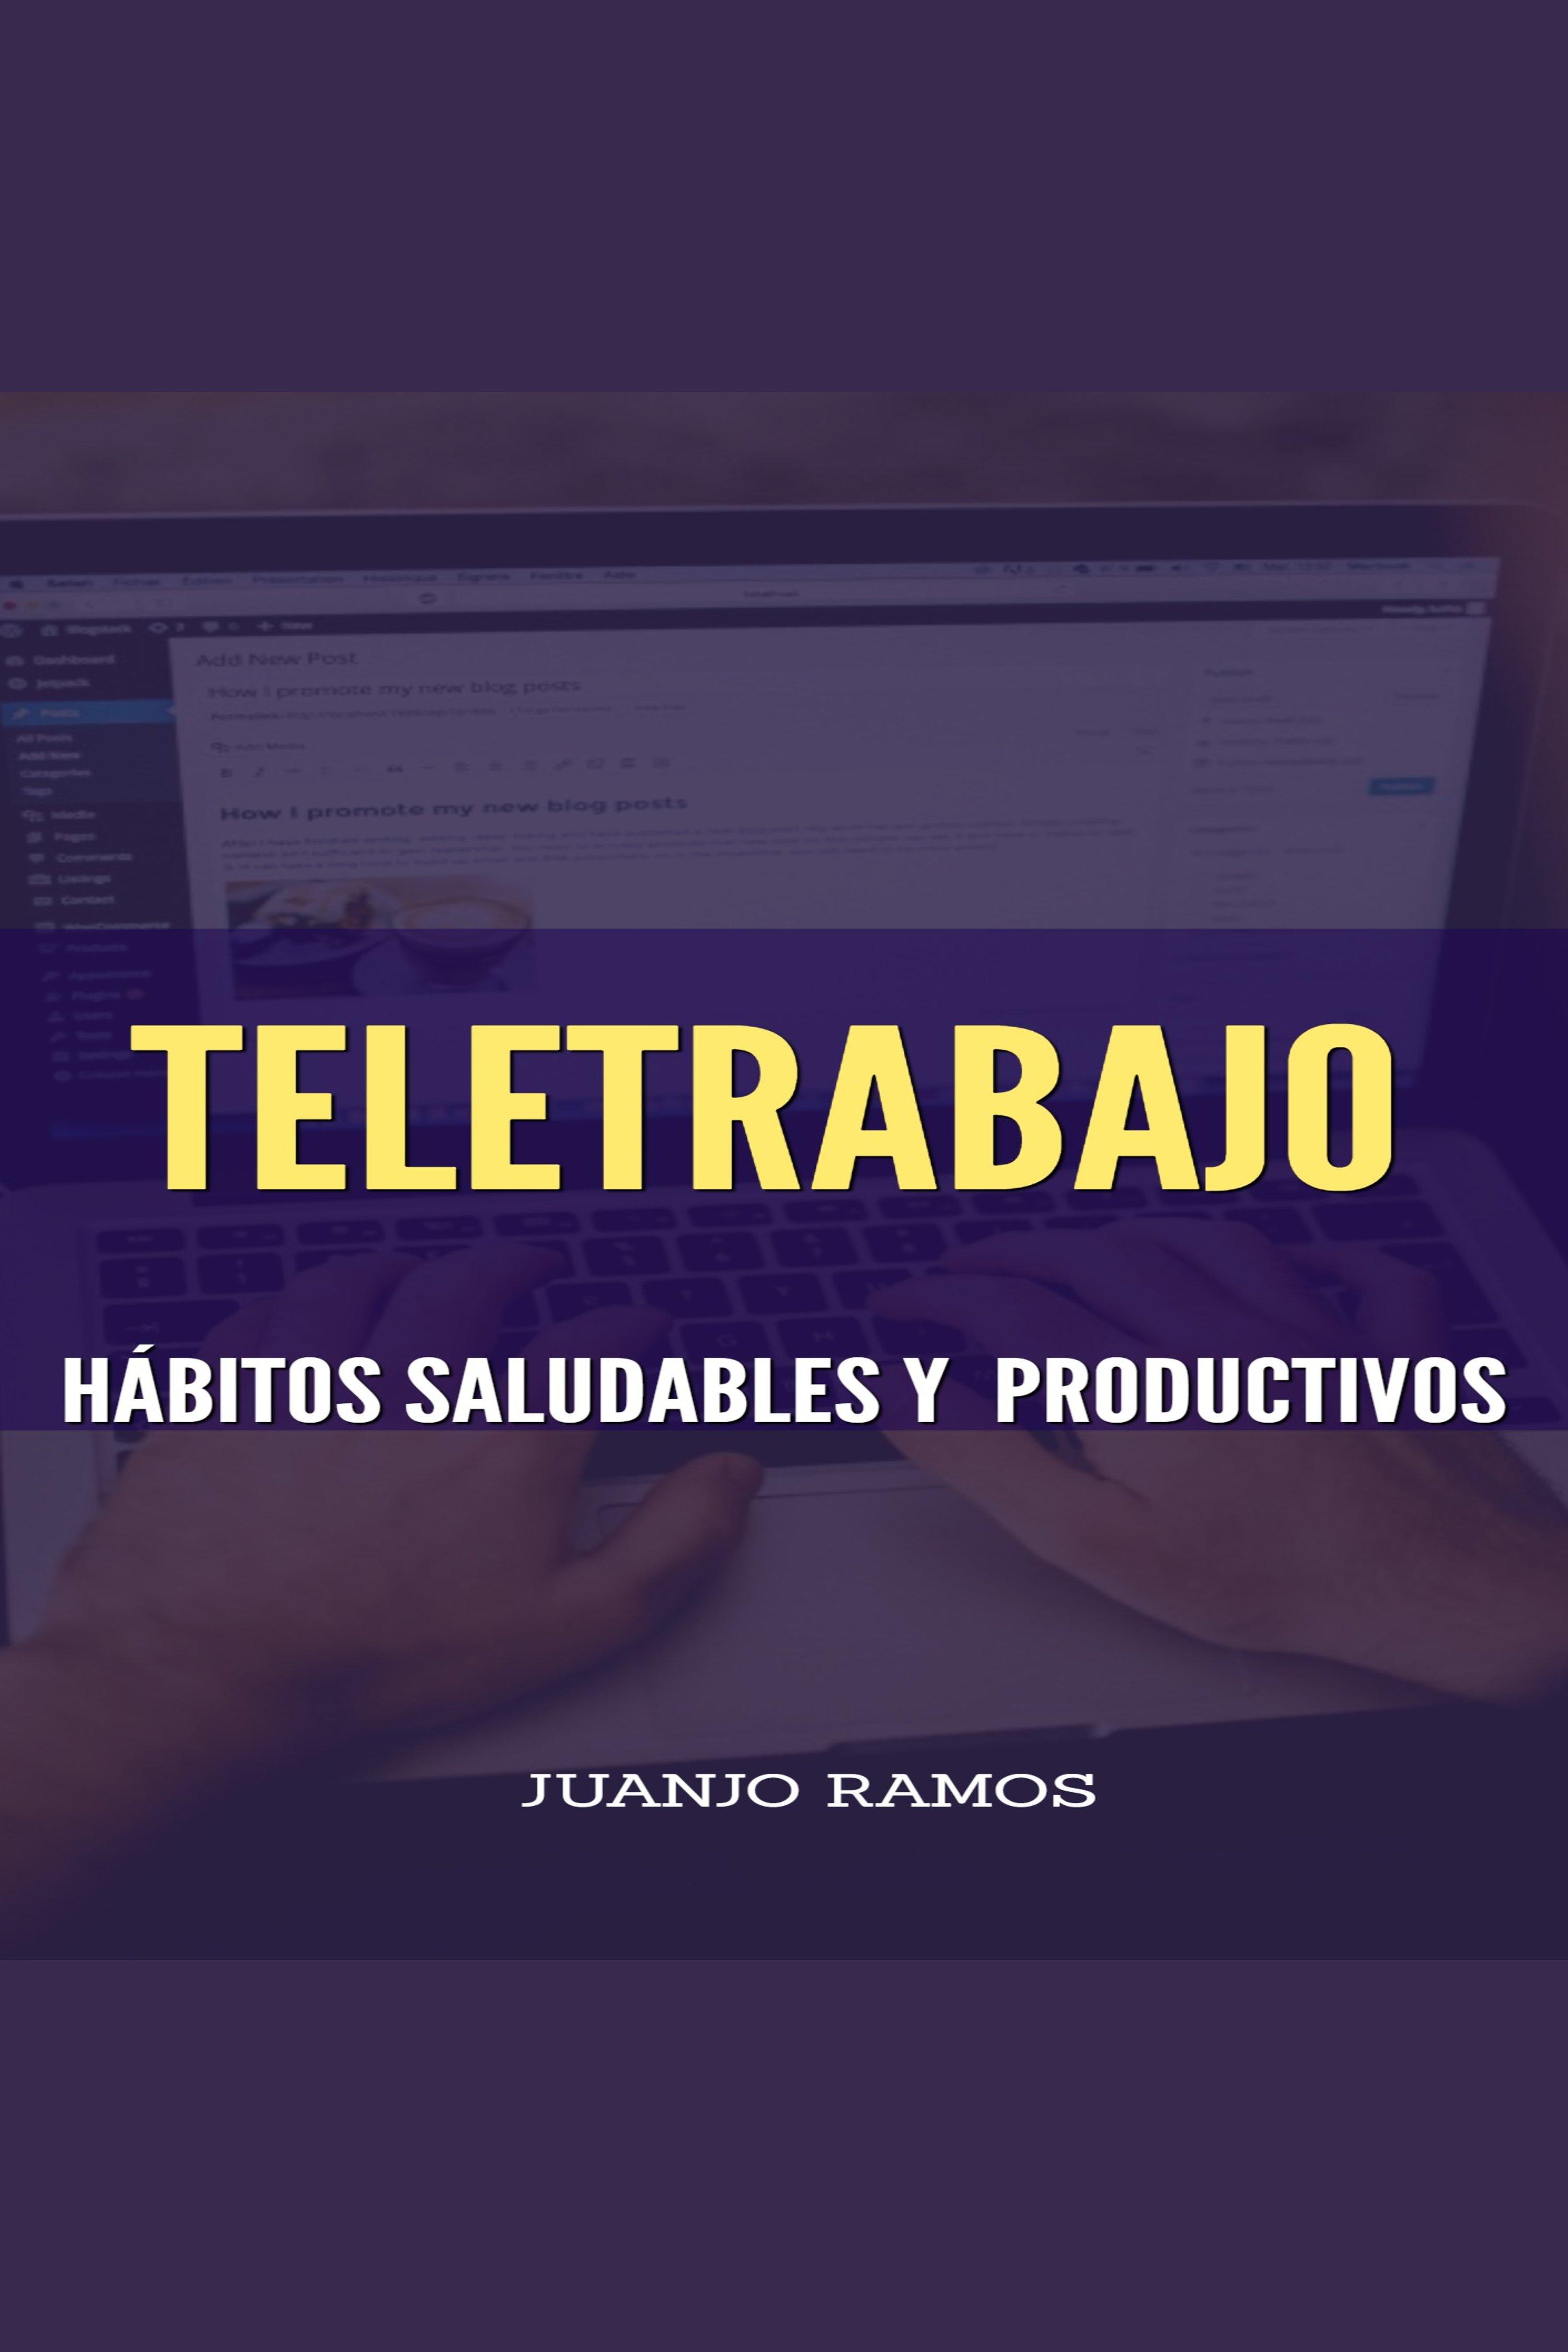 Esta es la portada del audiolibro Teletrabajo. Hábitos saludables y productivos